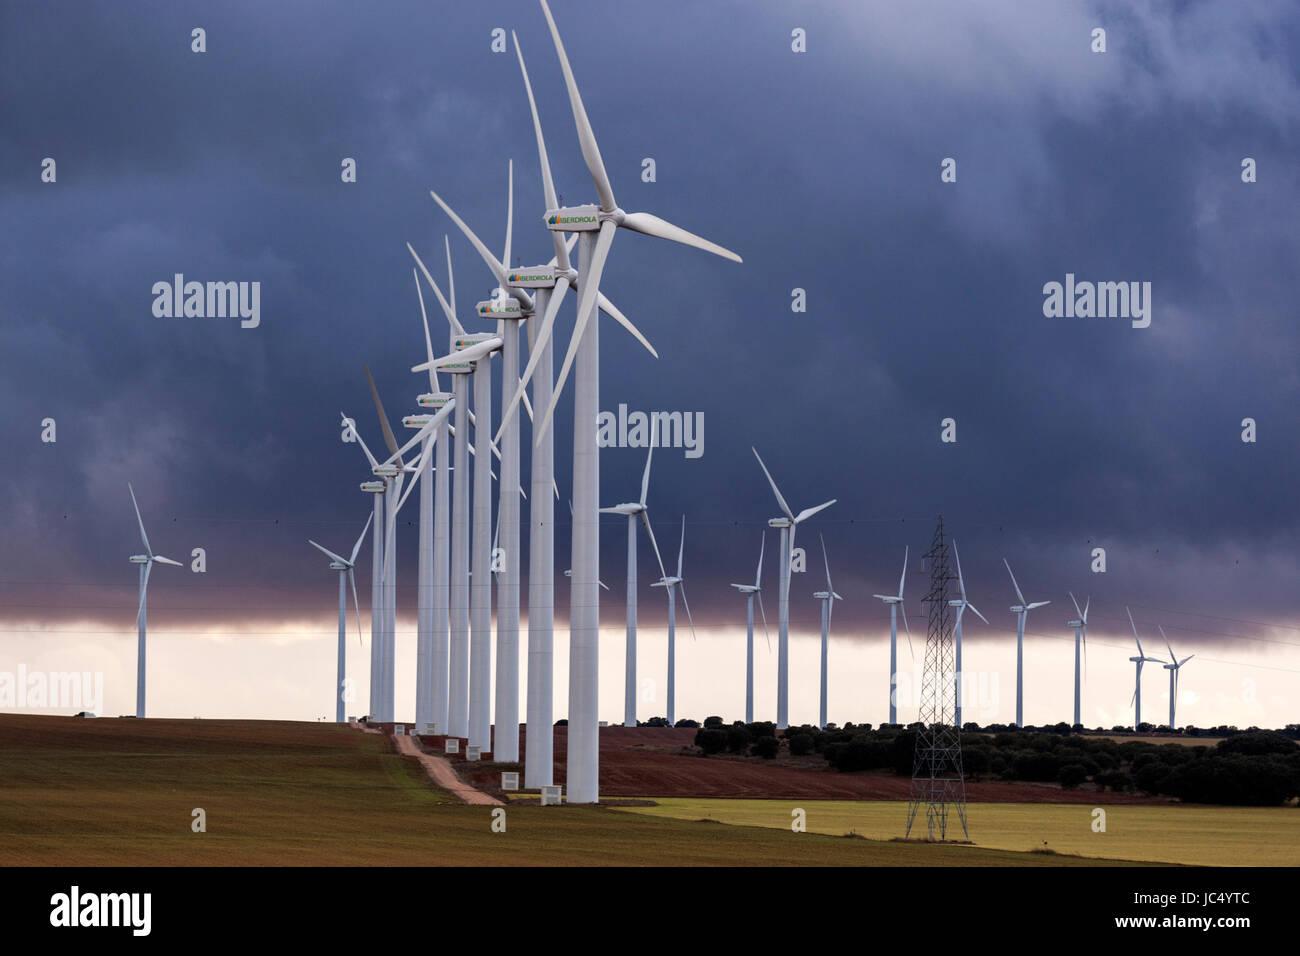 iberdrola-wind-turbine-eolic-generator-w